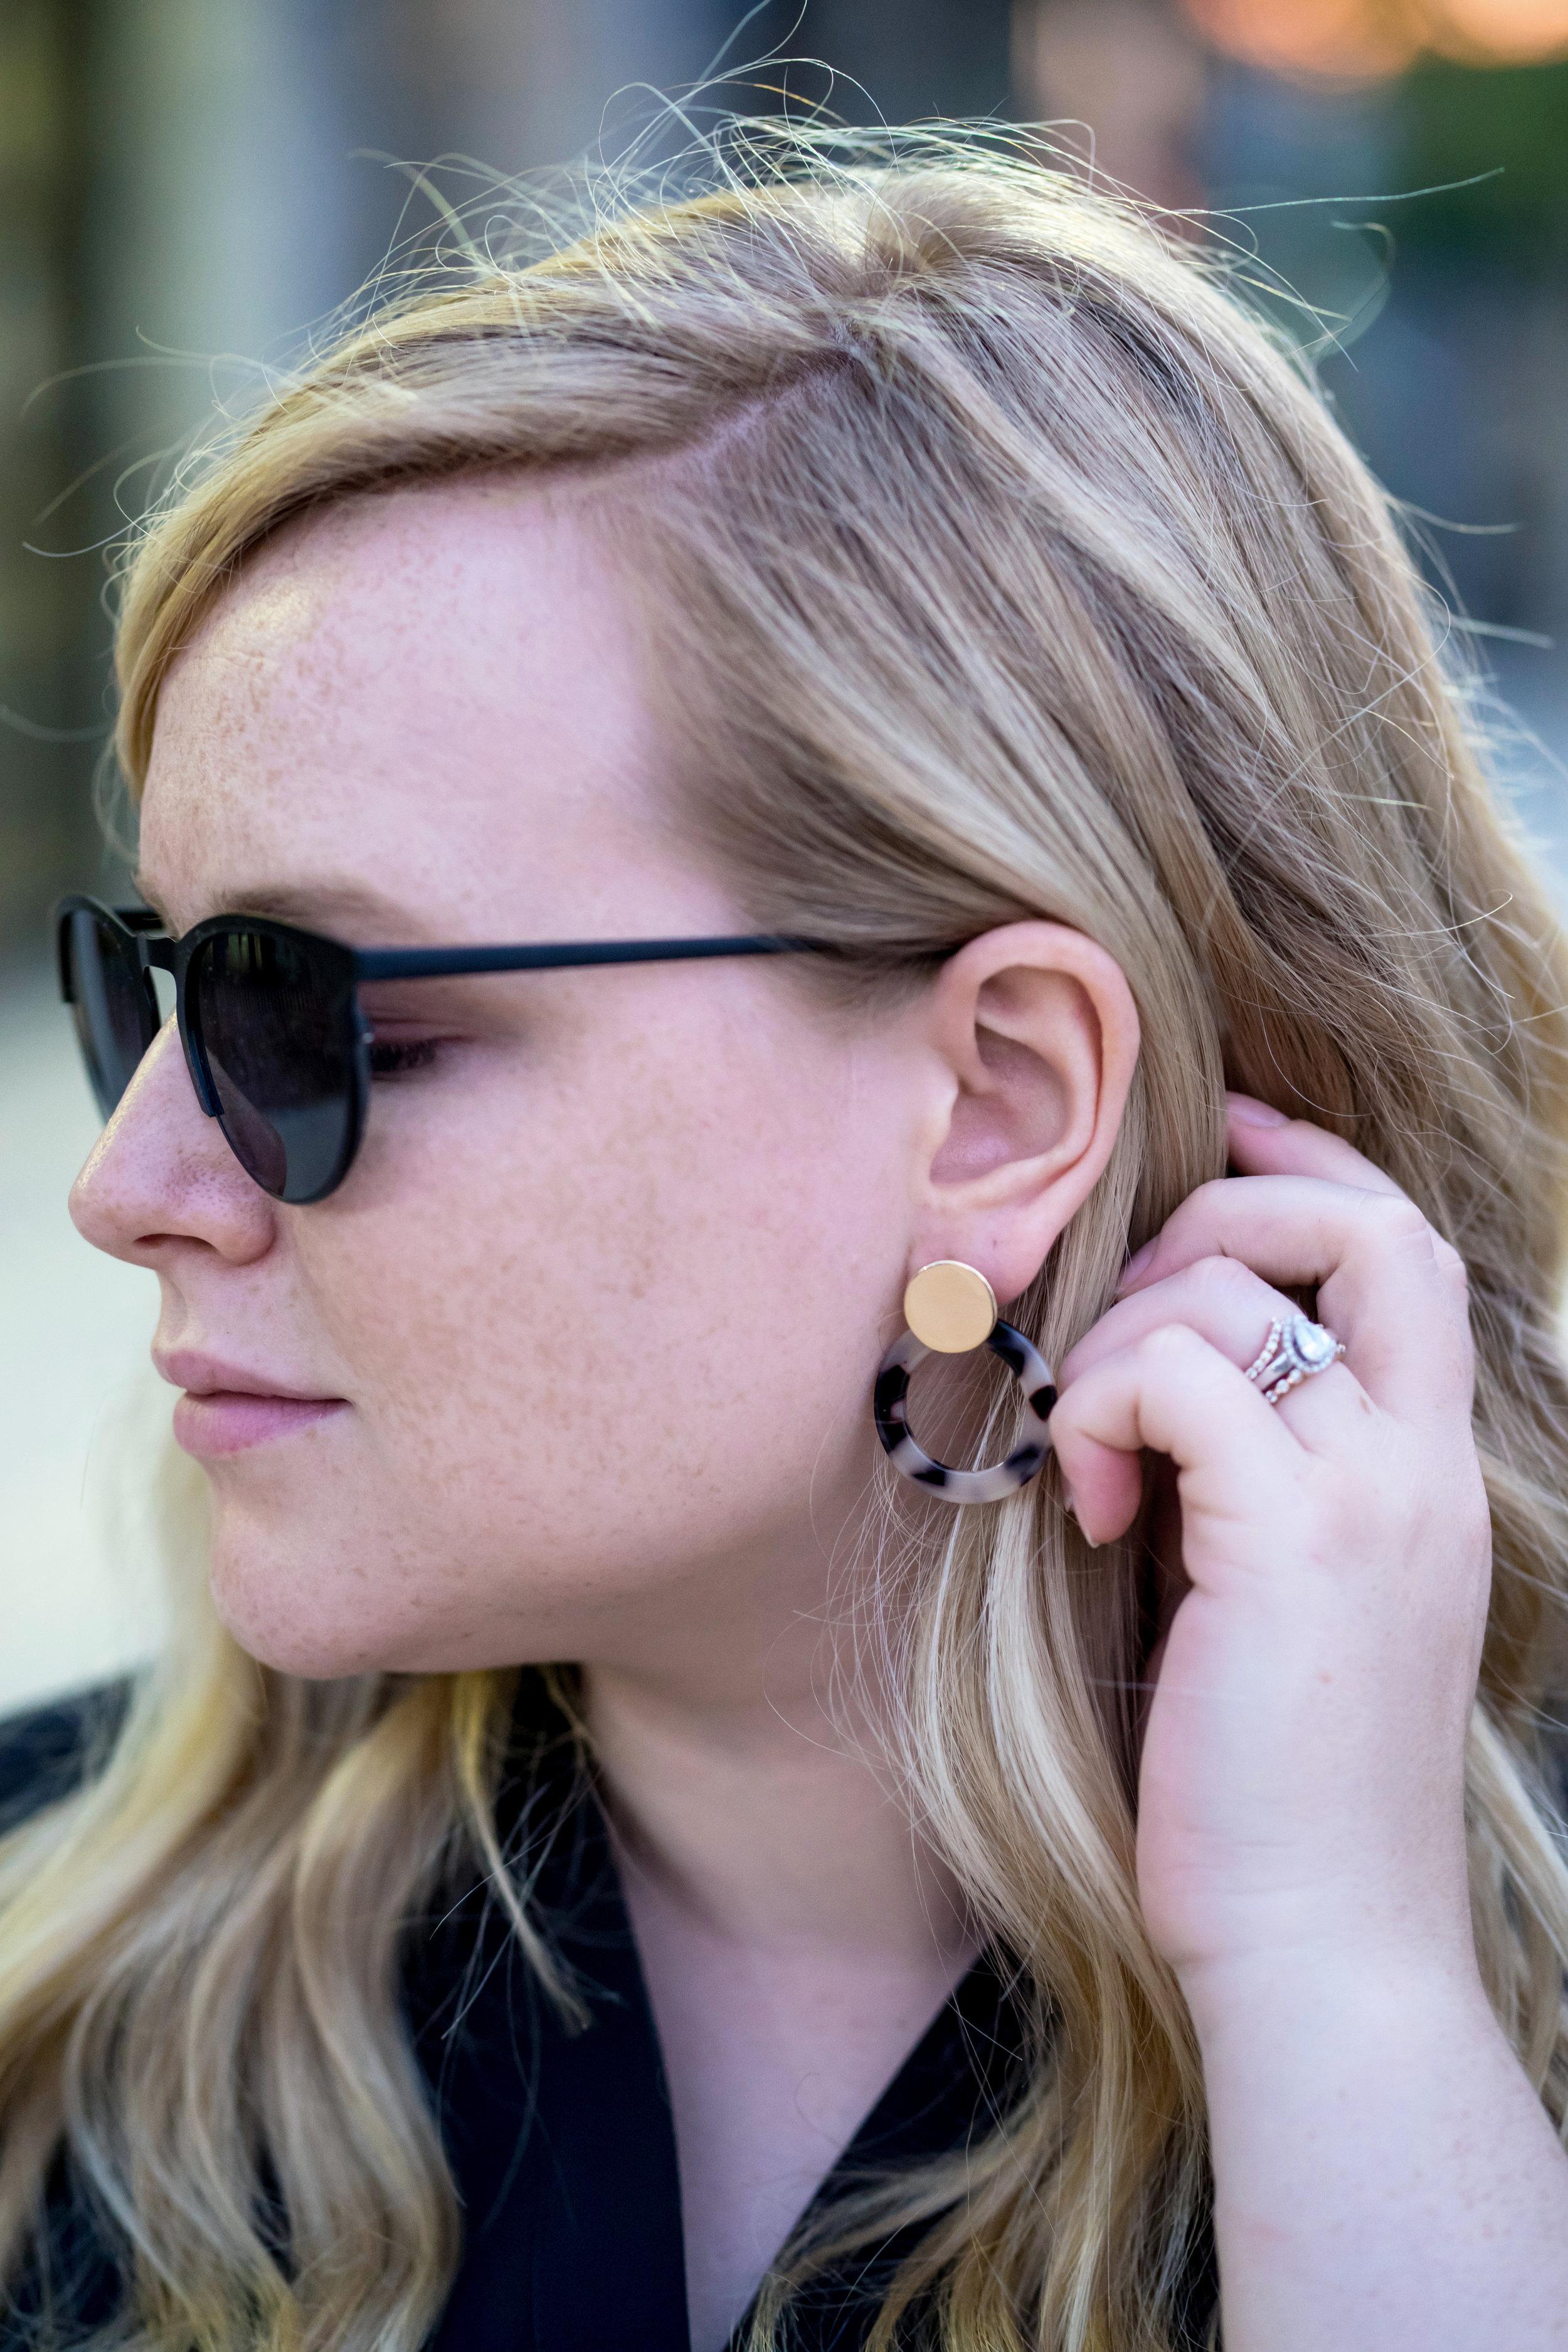 Maggie a la More The Best Tortoise Shell Earrings Under $50.jpg